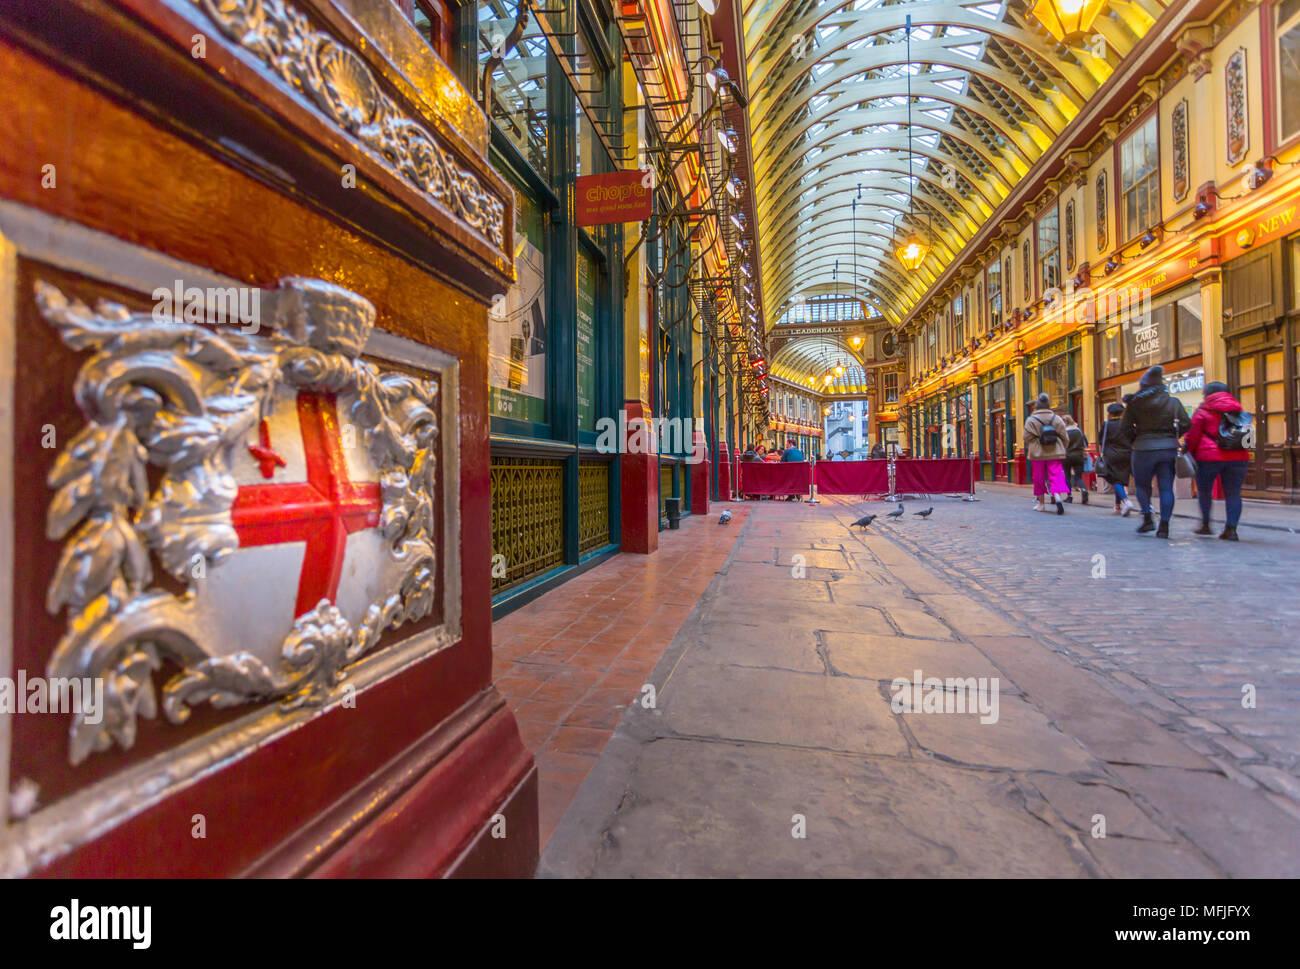 Blick auf den Innenbereich des Leadenhall Market, die Stadt, London, England, Vereinigtes Königreich, Europa Stockbild